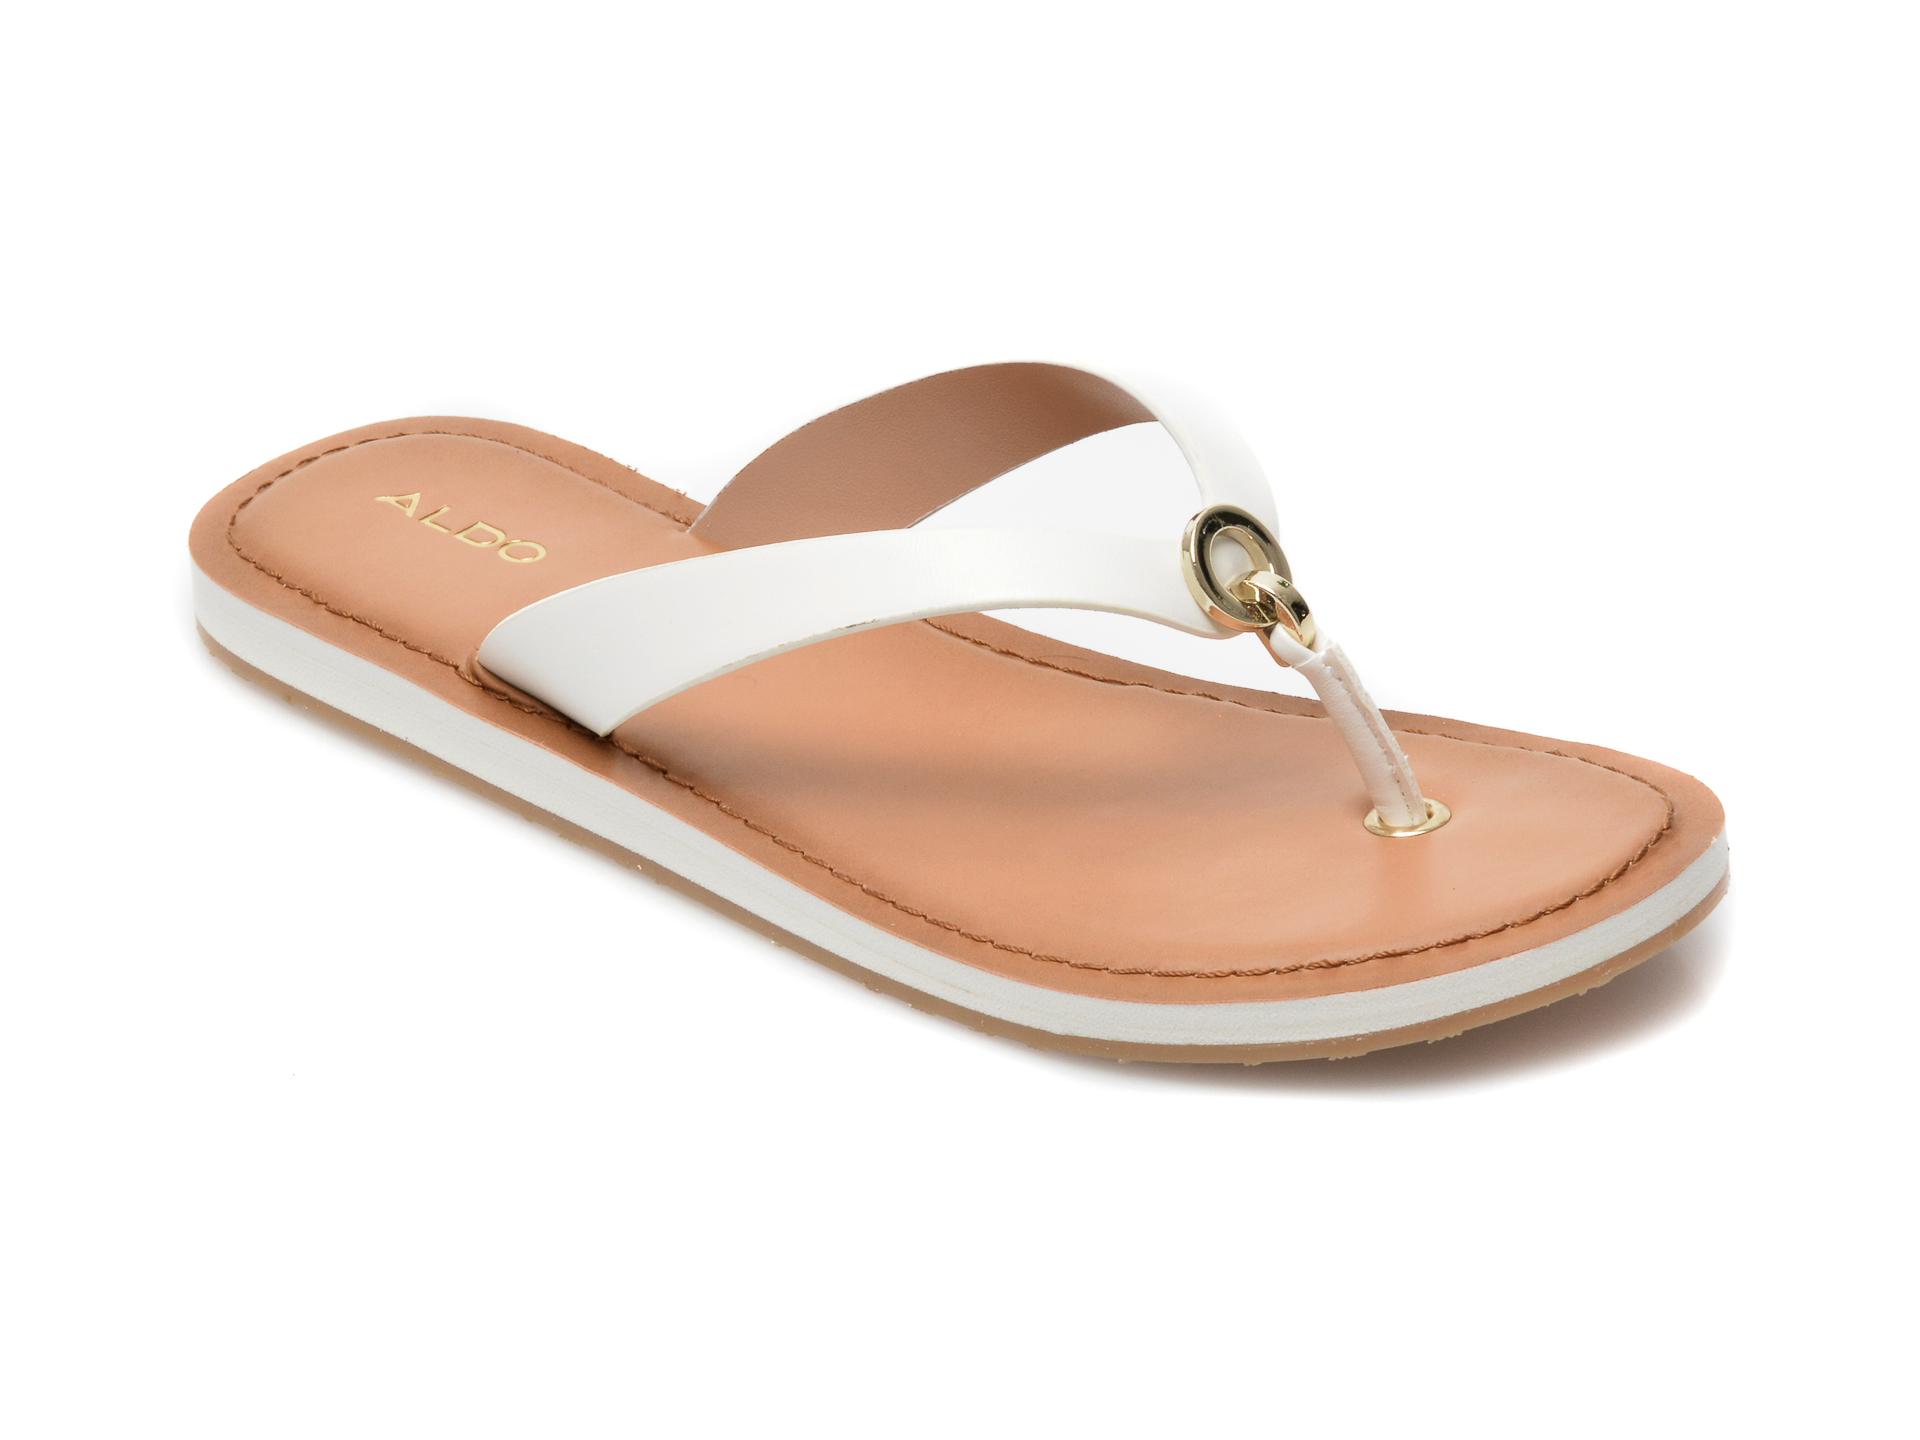 Papuci ALDO albi, Galalelian100, din piele ecologica imagine otter.ro 2021